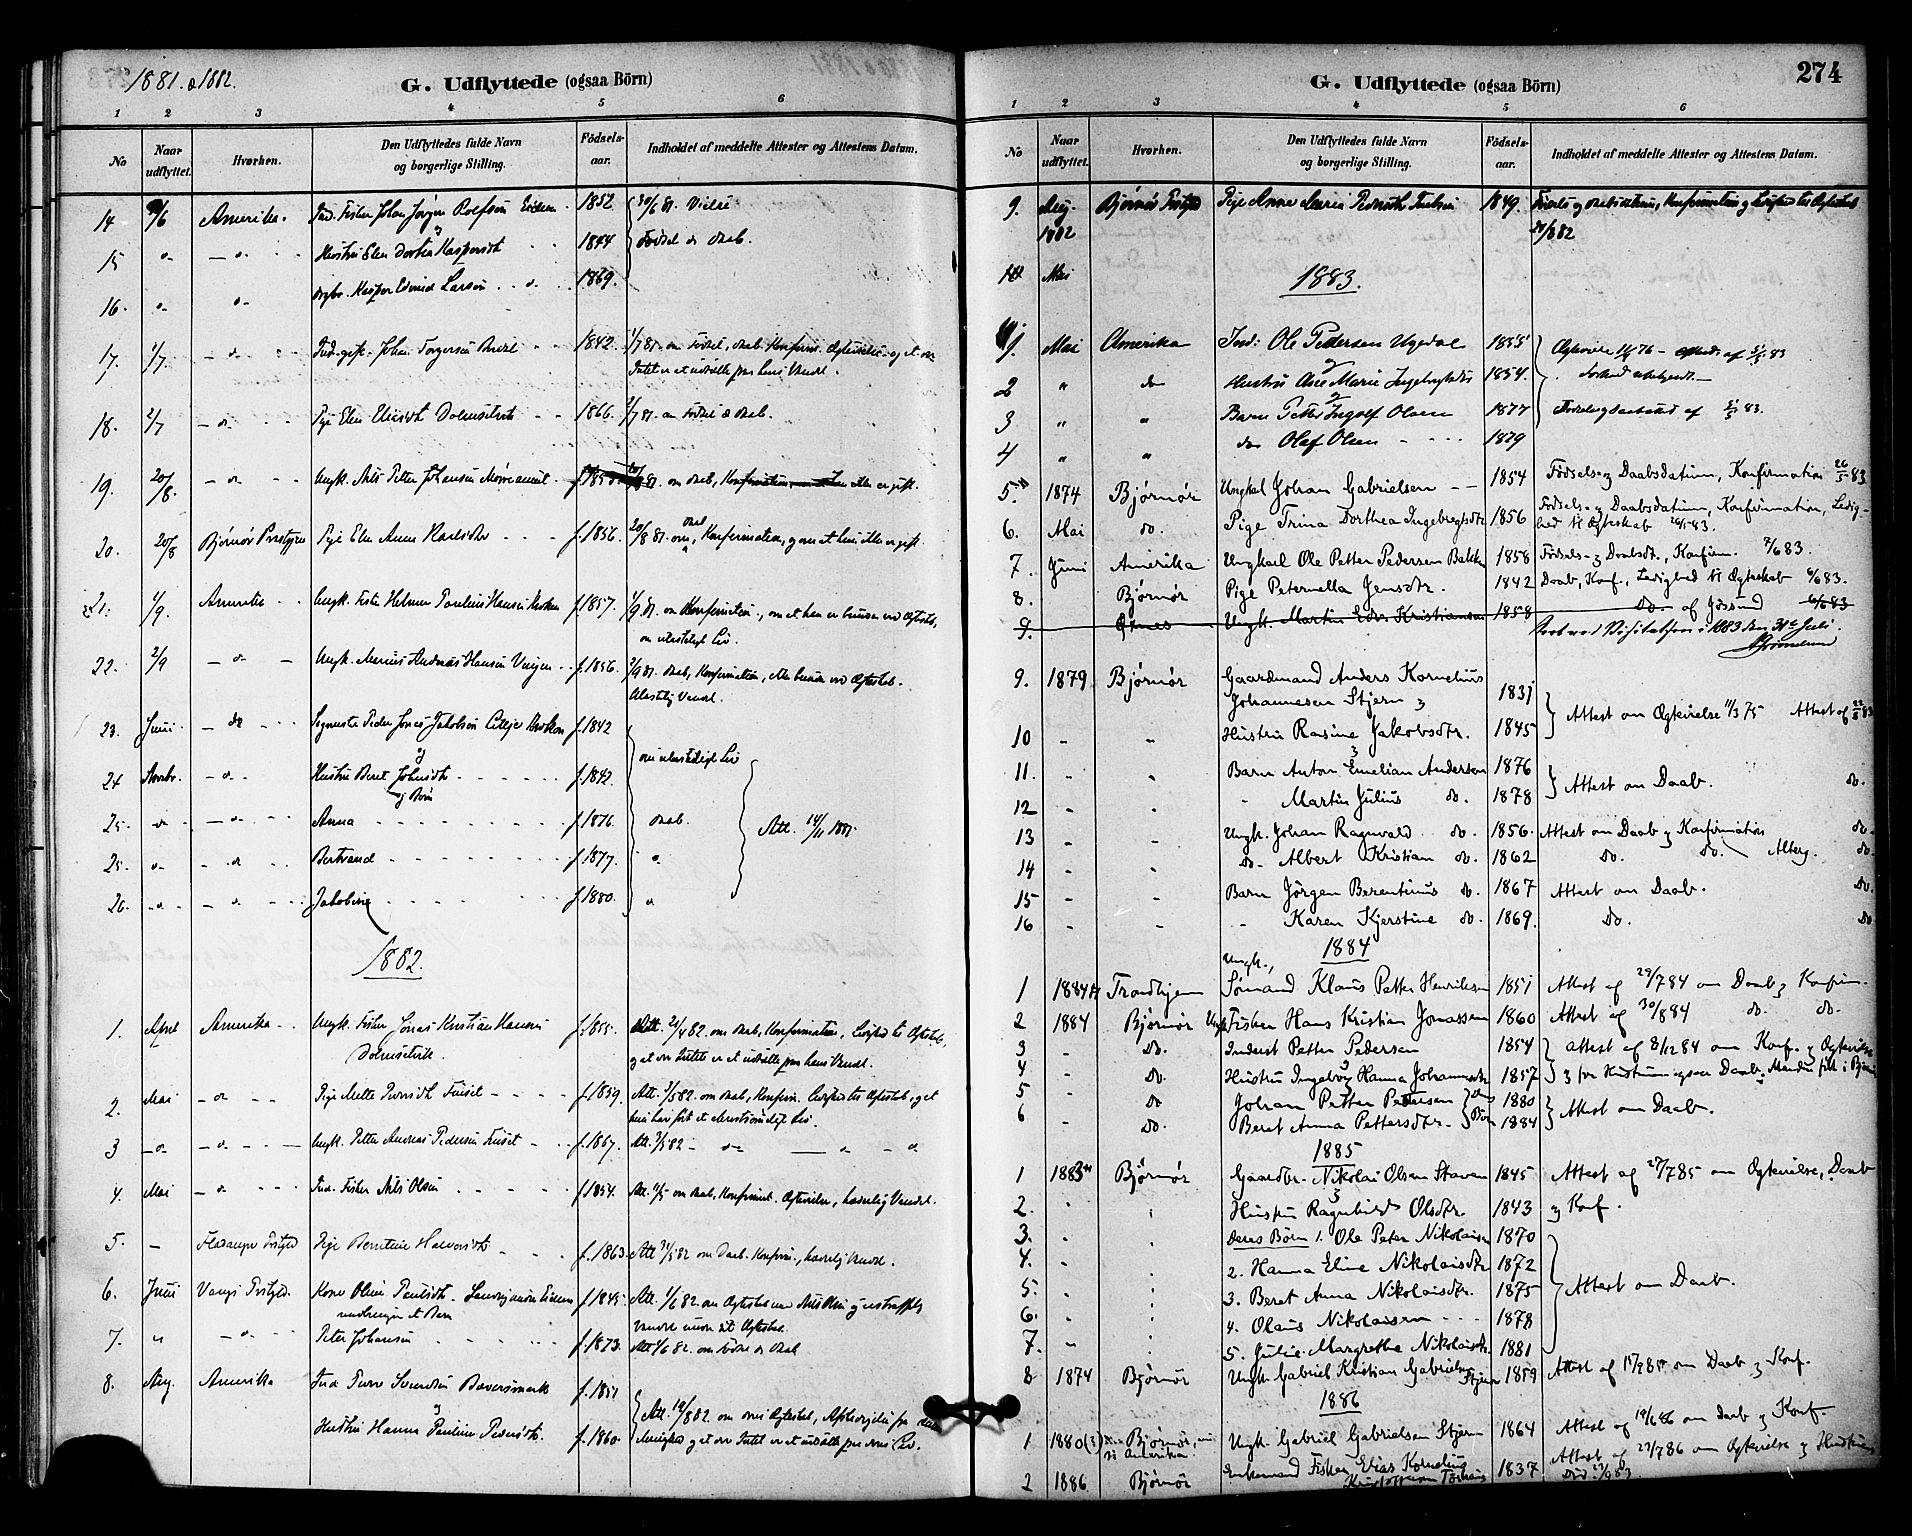 SAT, Ministerialprotokoller, klokkerbøker og fødselsregistre - Sør-Trøndelag, 655/L0680: Ministerialbok nr. 655A09, 1880-1894, s. 274